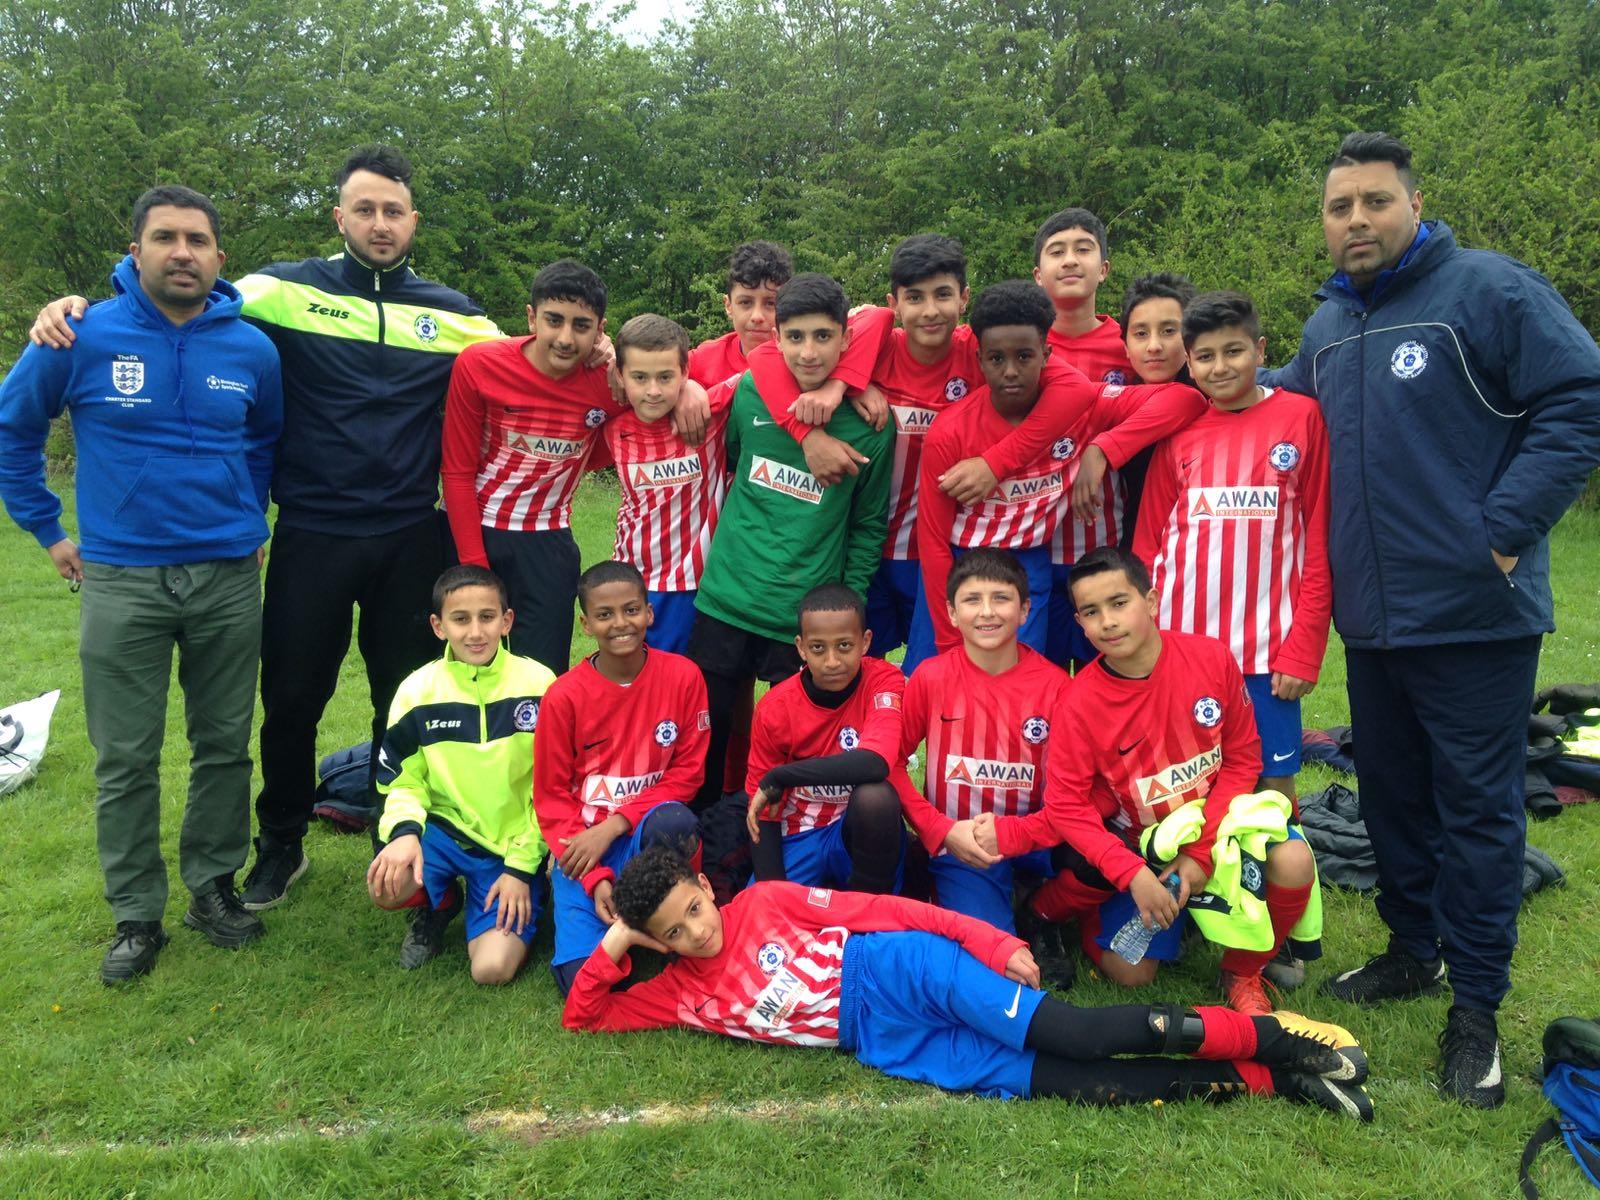 Under 14's team